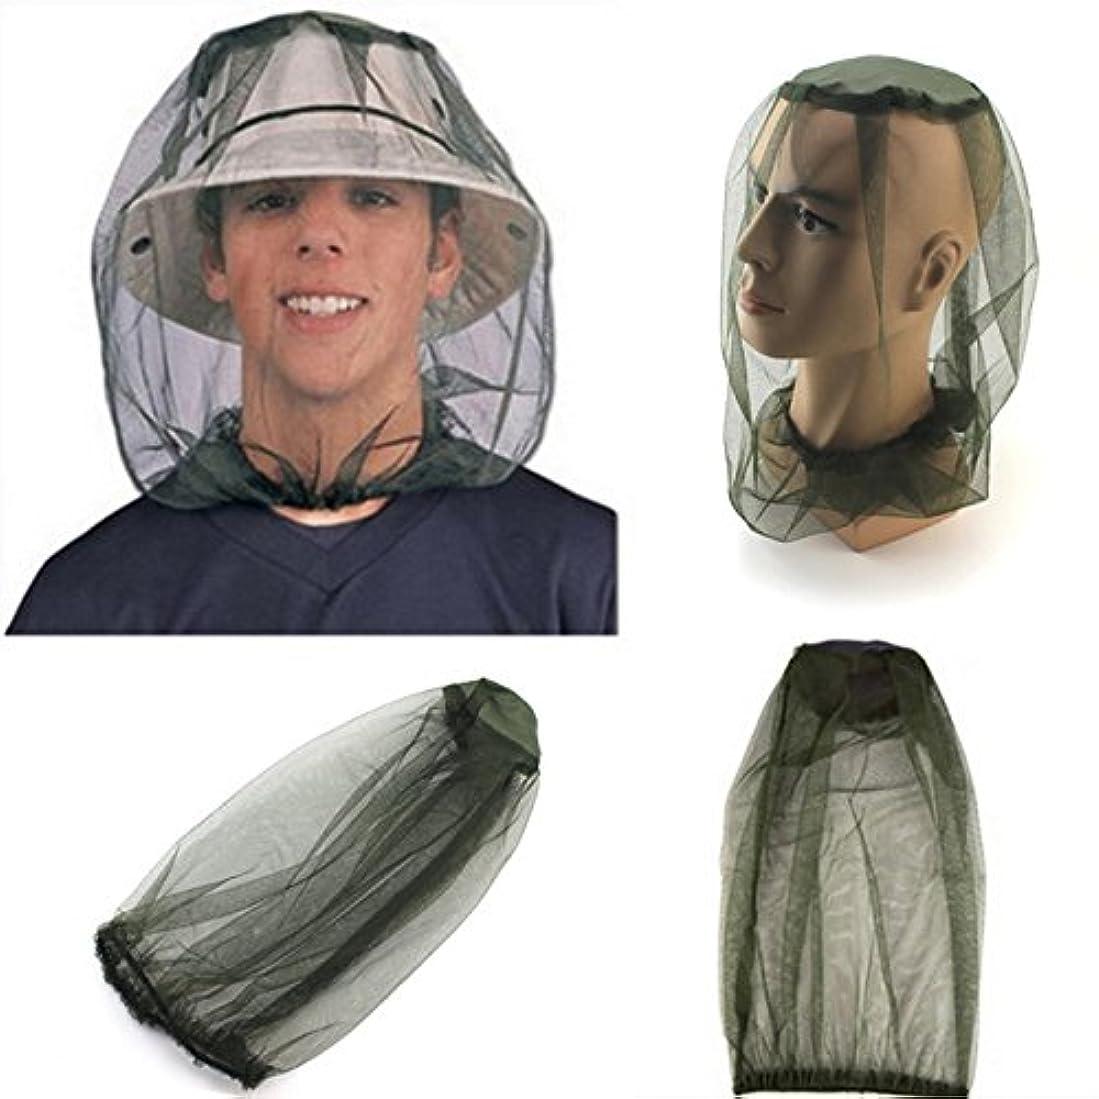 粗い倒産バルセロナRaiFu 防蚊 害虫駆除 マスク 帽子 軽量 通気 バックパッキング キャンプ 釣り ヘッドネット フェイスプロテクター